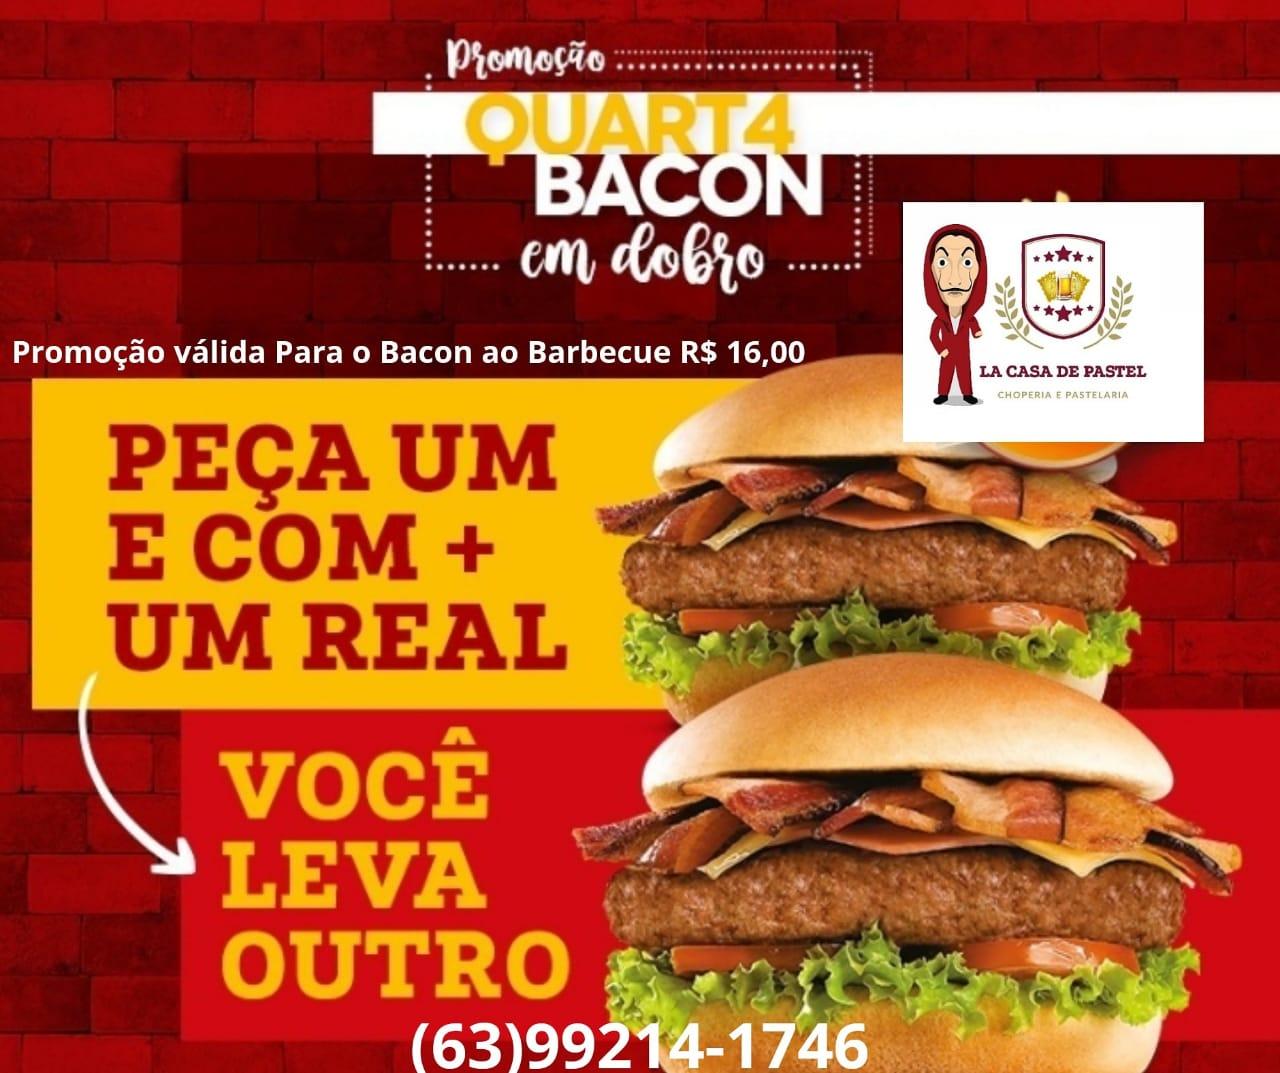 La Casa de Pastel anuncia mais uma rodada da promoção 'Quarta Bacon em Dobro' em Paraíso